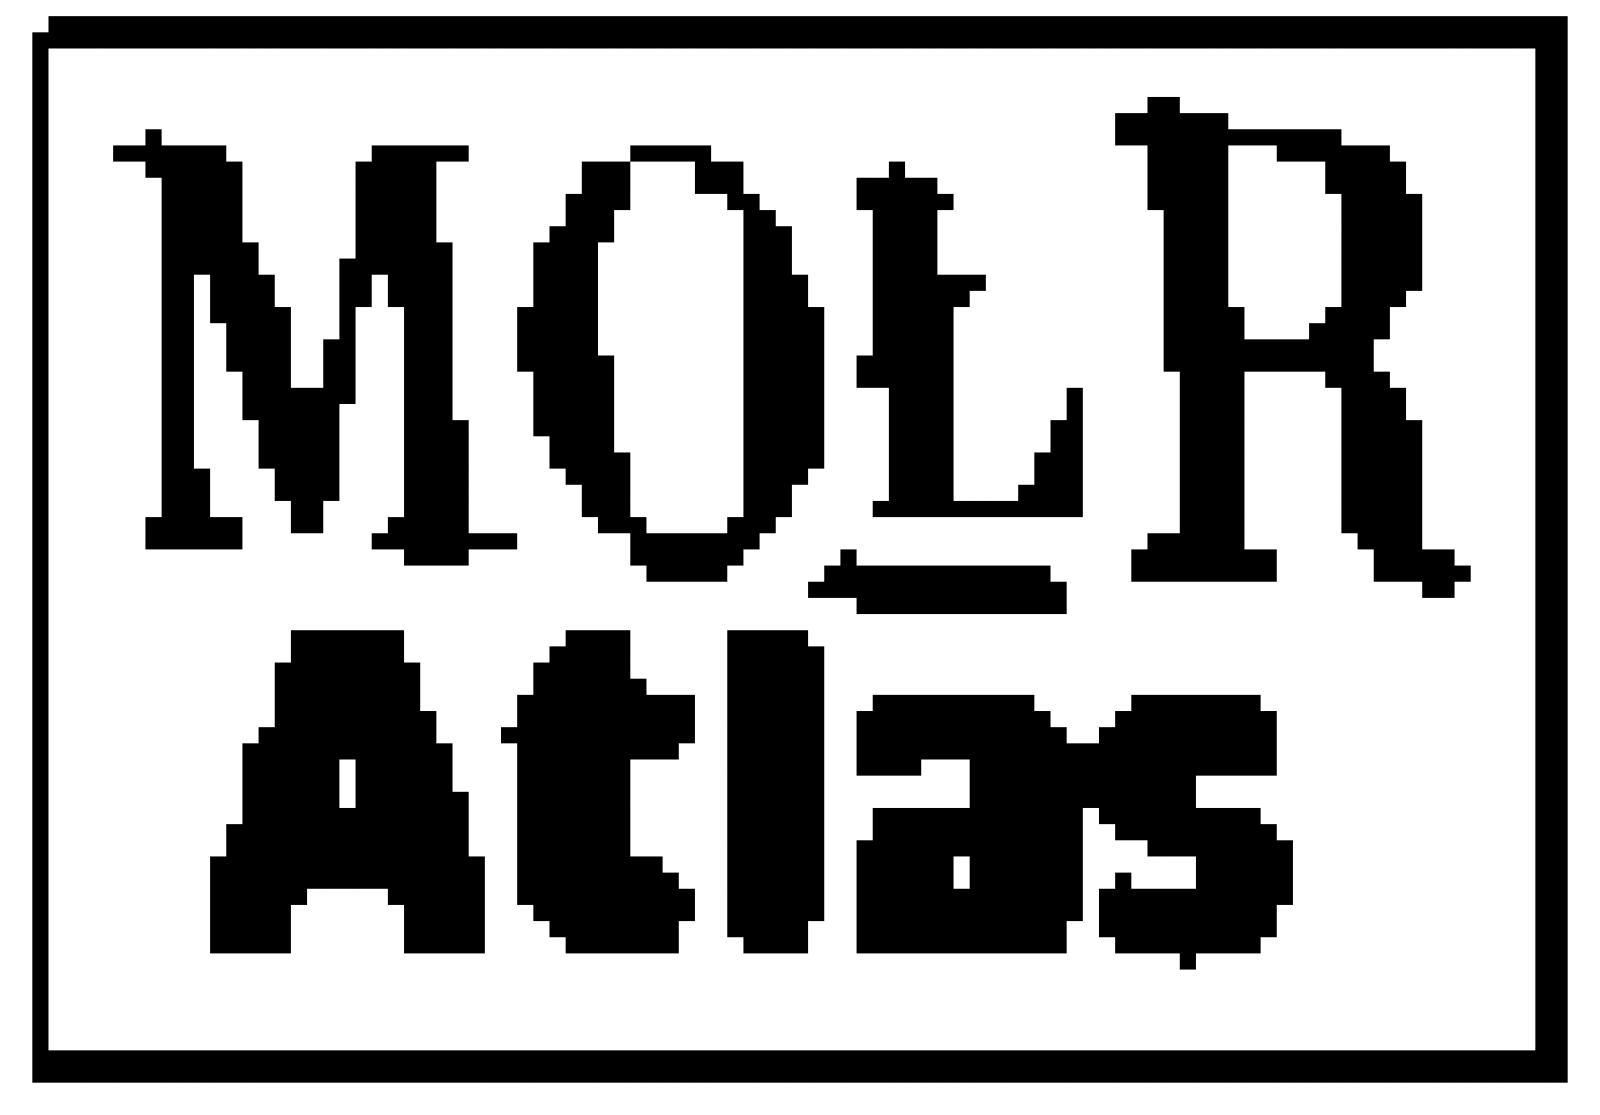 estymacja łagodnej kraniotomii sztuki molekularnej czyli izoglosa dla wojtka kucharczyka